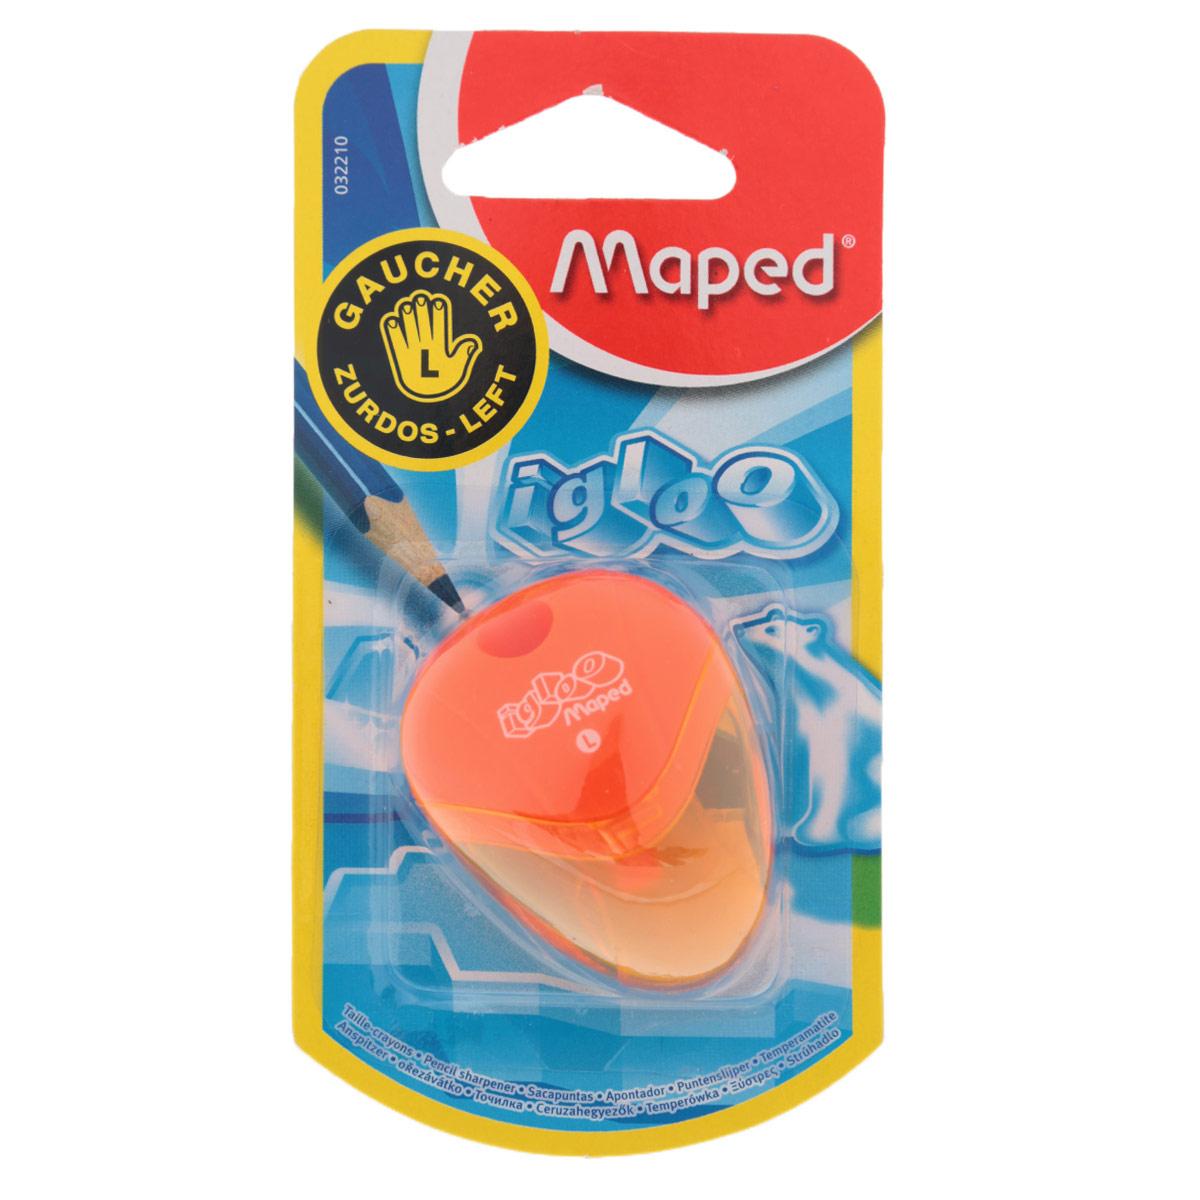 Точилка Maped Igloo, для левшей, цвет: оранжевыйFS-36054Точилка Igloo для левшей с одним отверстием выполнена из ударопрочного пластика. Полупрозрачный контейнер для сбора стружки позволяет визуально контролировать уровень заполнения и вовремя производить очистку. Подходит как для школы, так и для офиса.Рекомендовано детям старше трех лет.